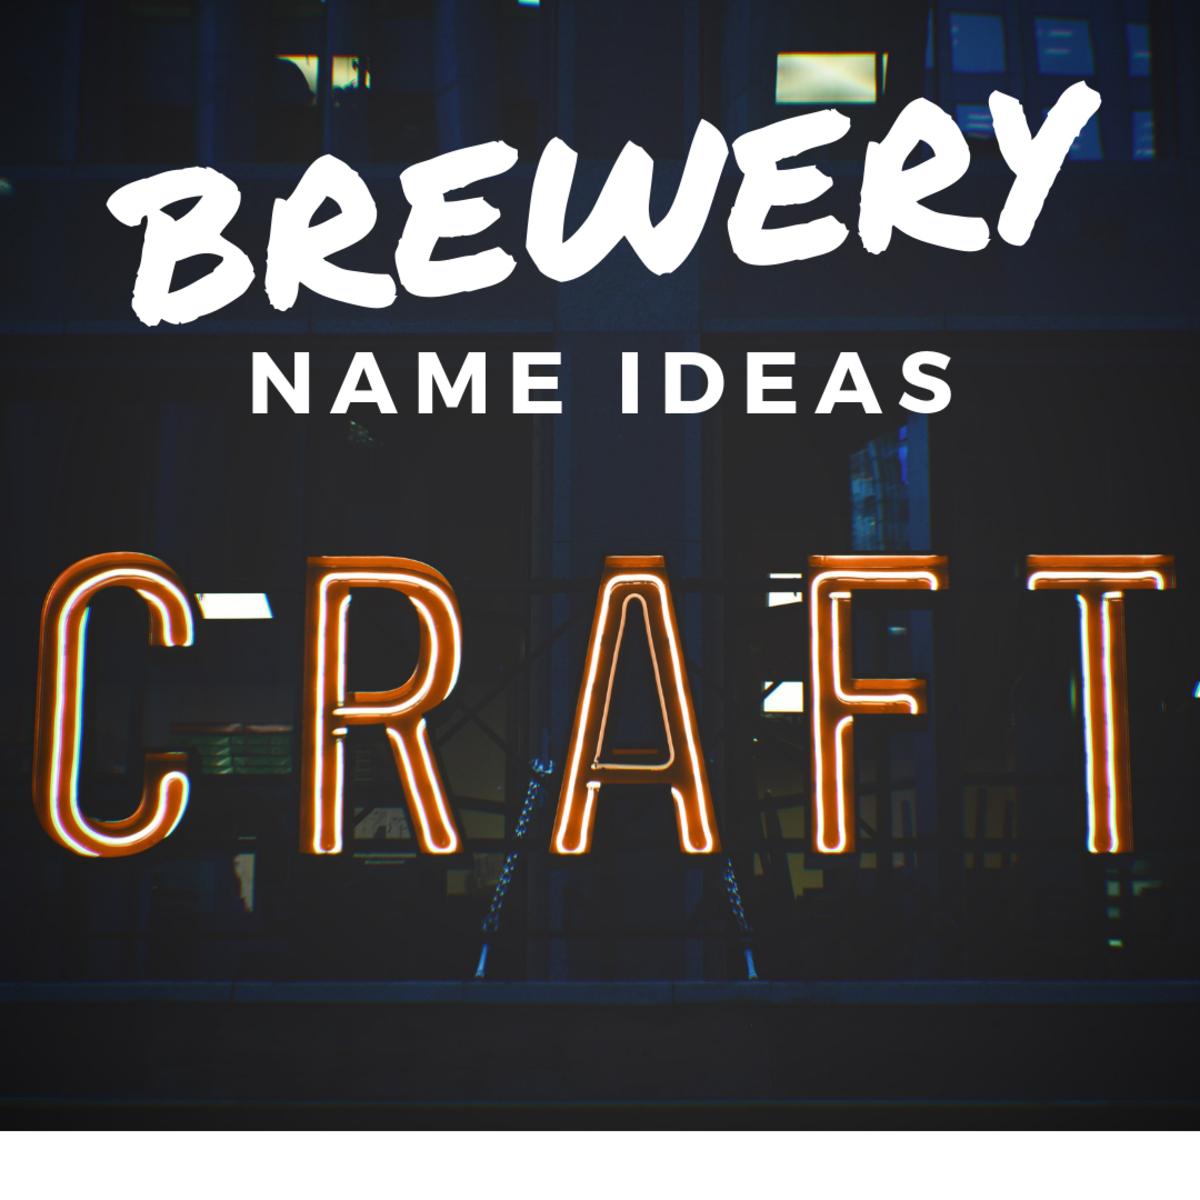 啤酒厂名称的想法